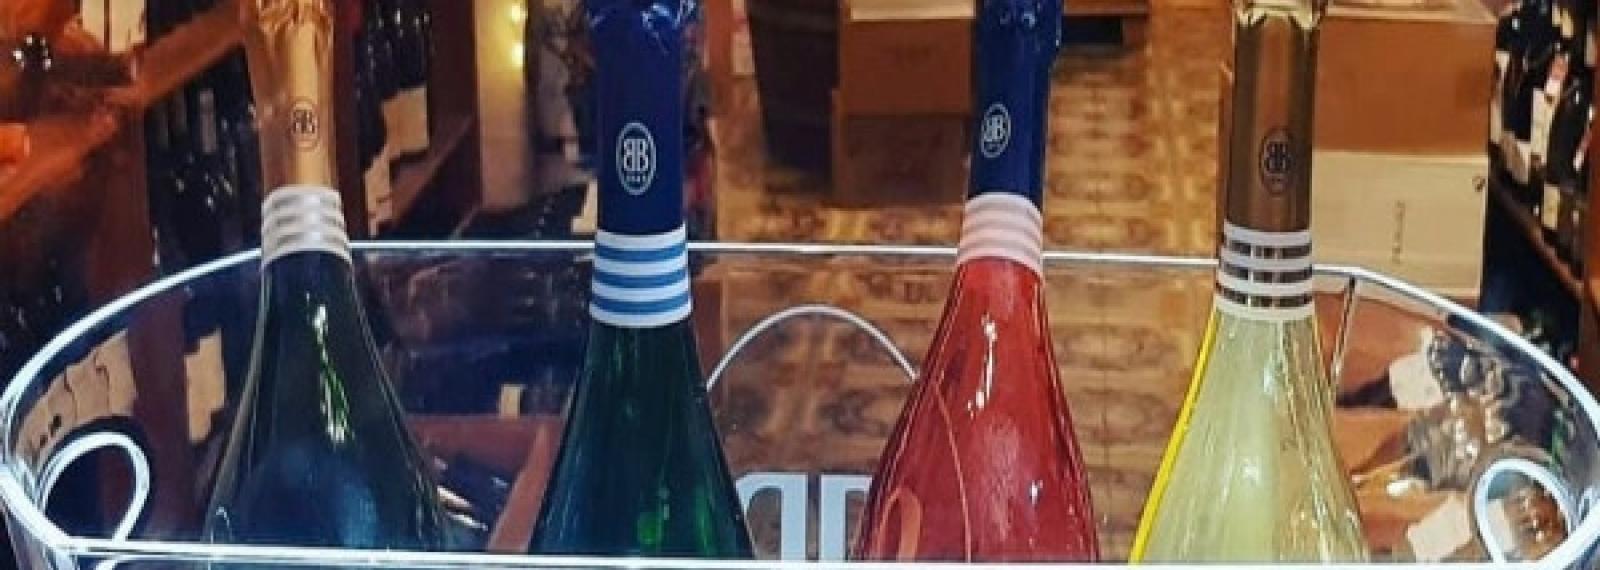 Vins, Champagnes, Etc...